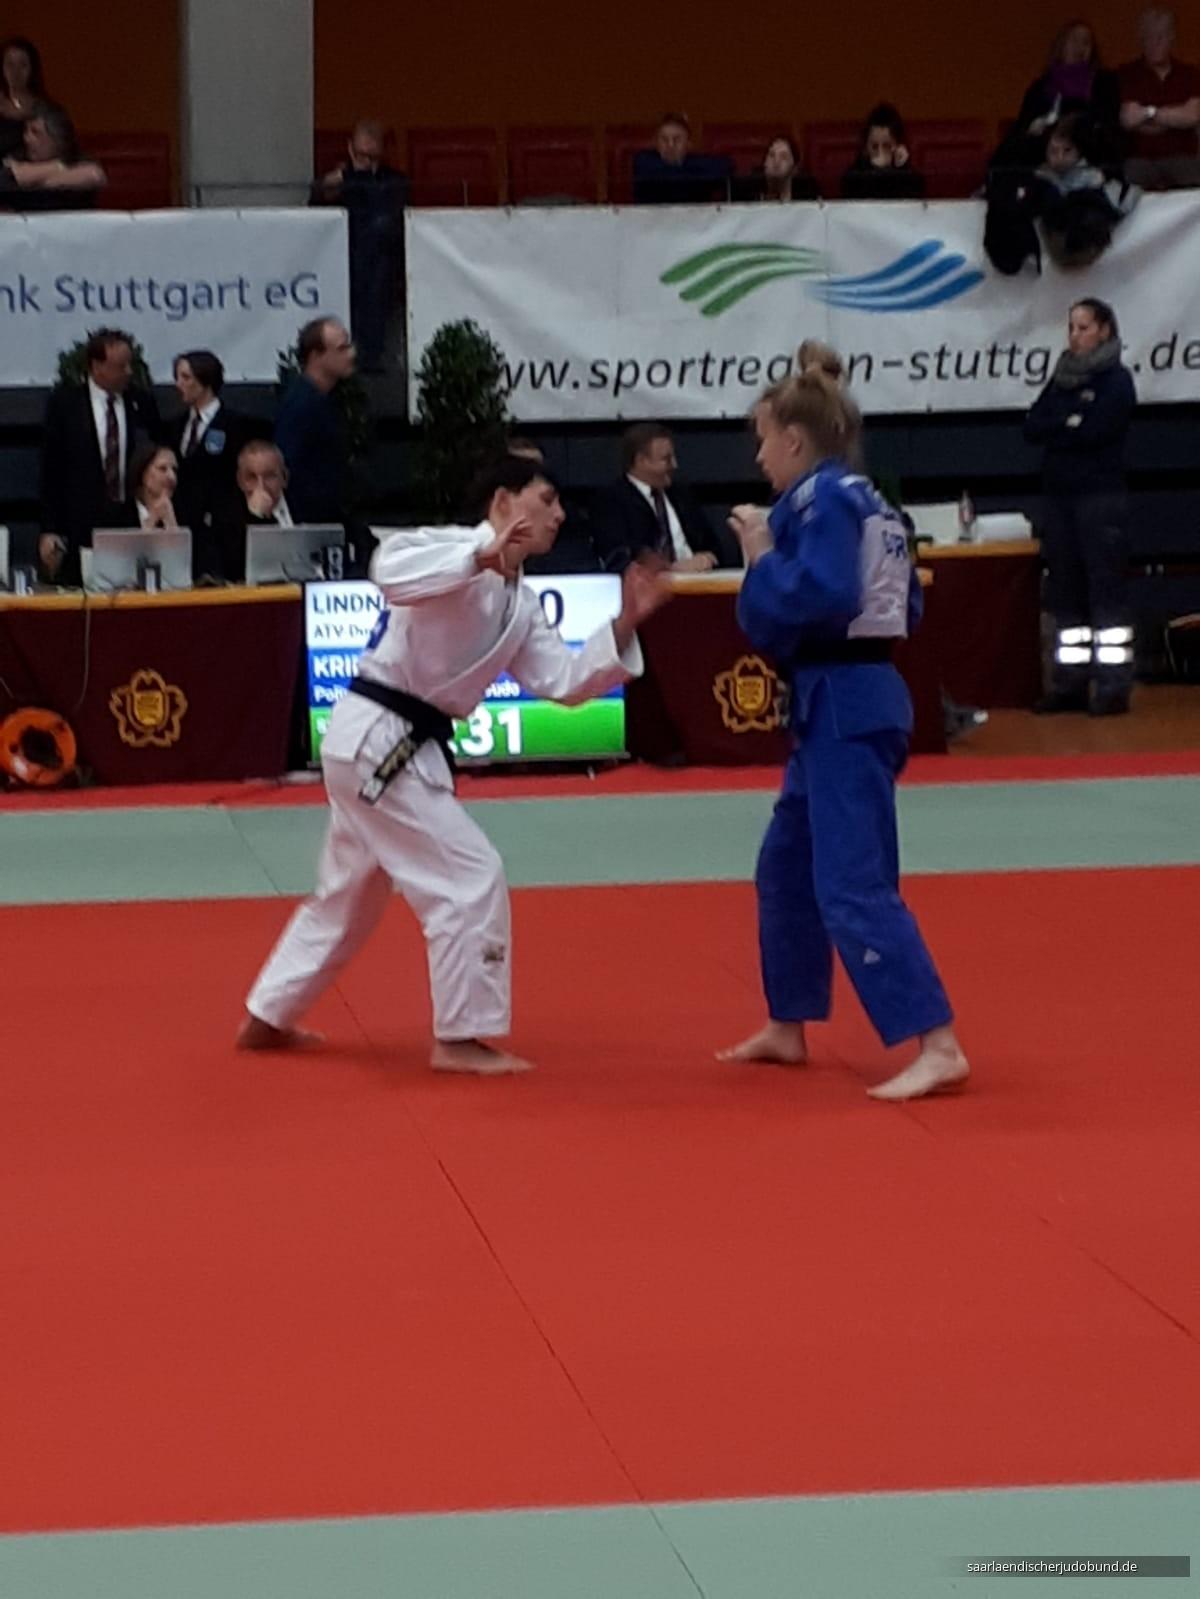 Deutsche Meisterschaft: Jessica Linder wird Zweite